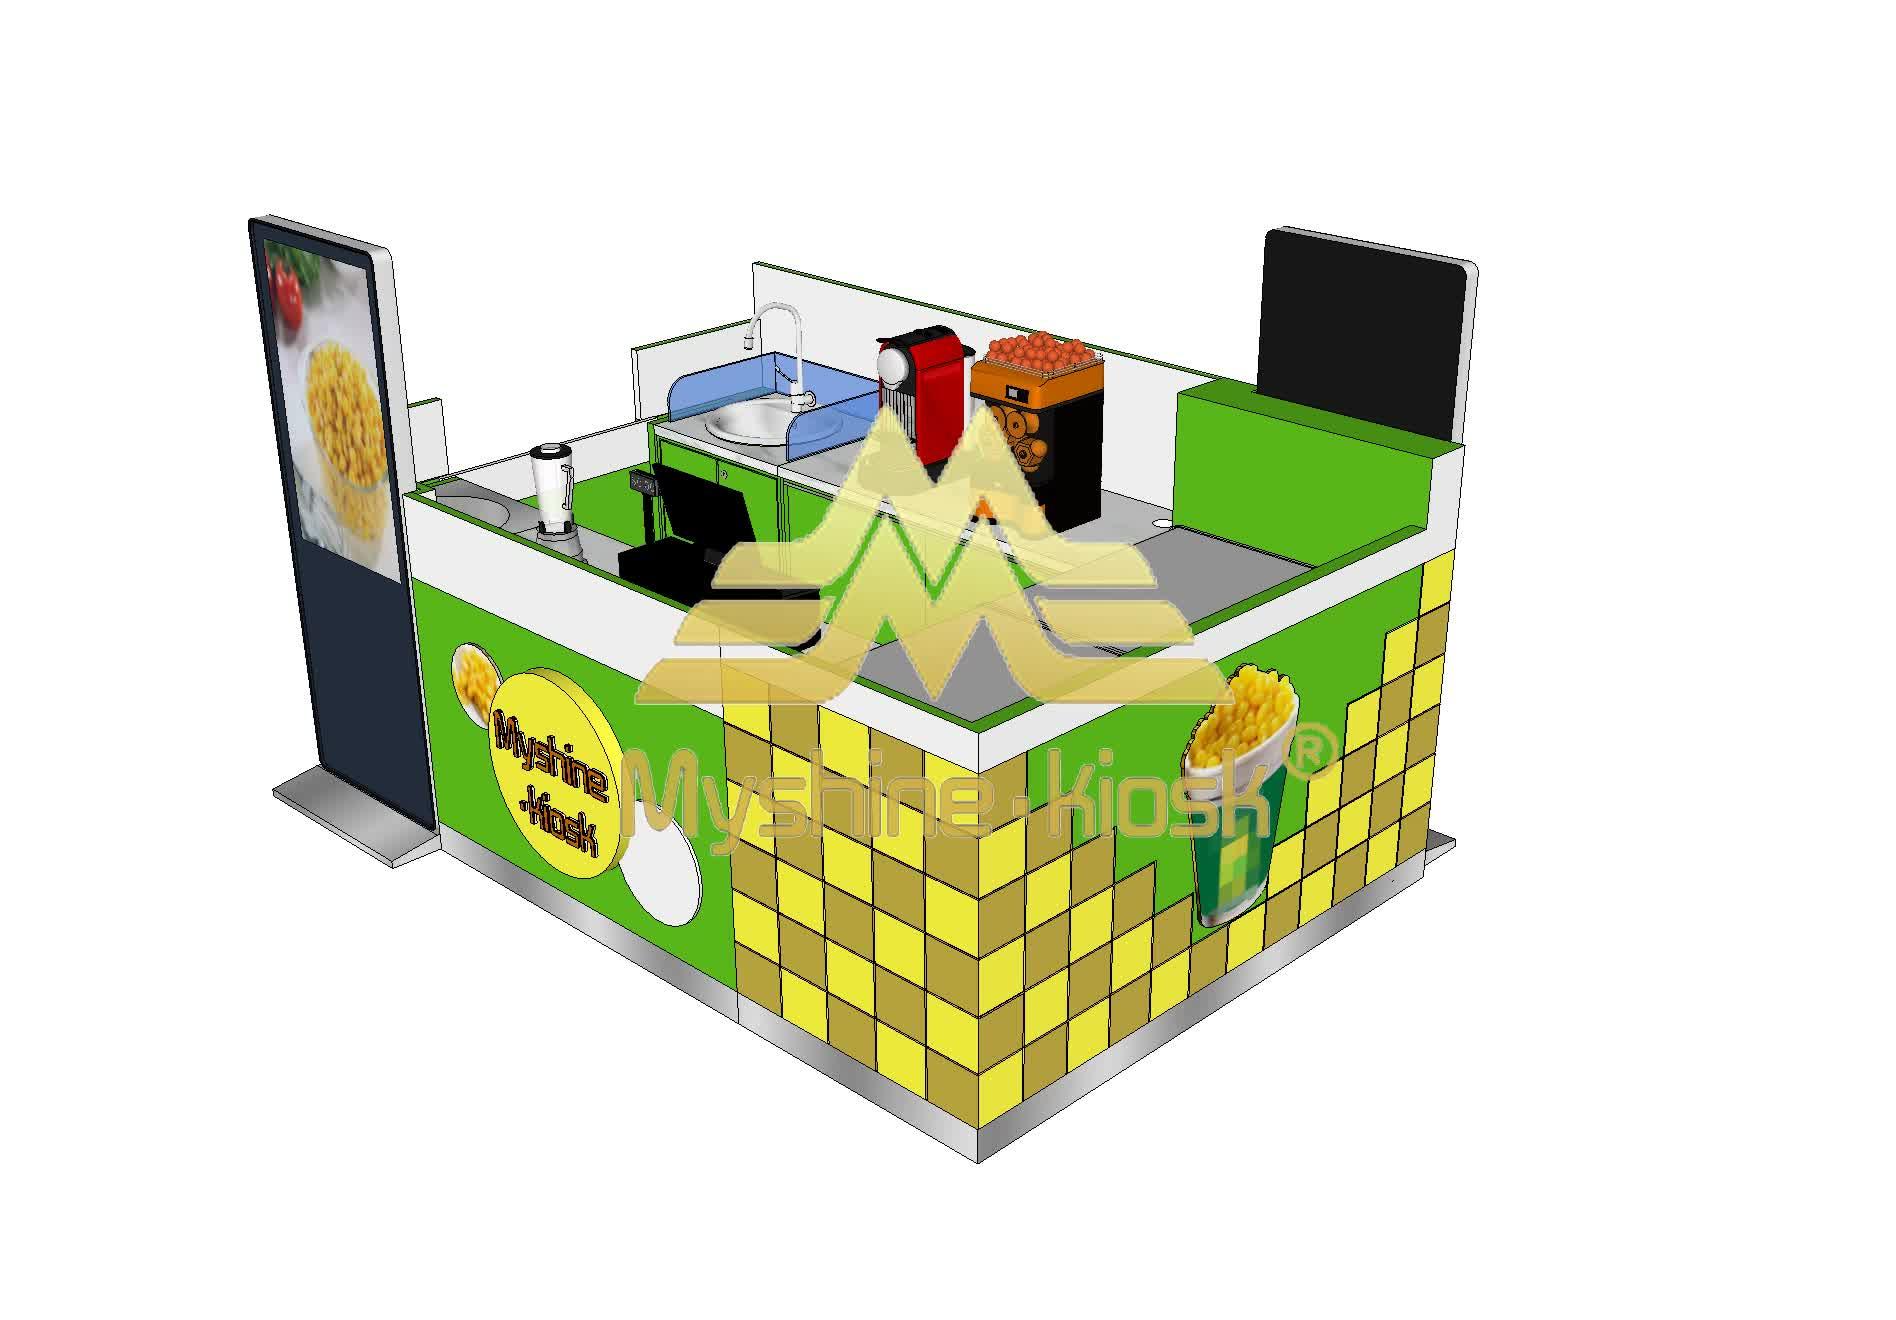 Özelleştirilmiş Perakende TATLI MISIR Kiosk Sayaç Tasarımı Ile Mısır Durak Satılık